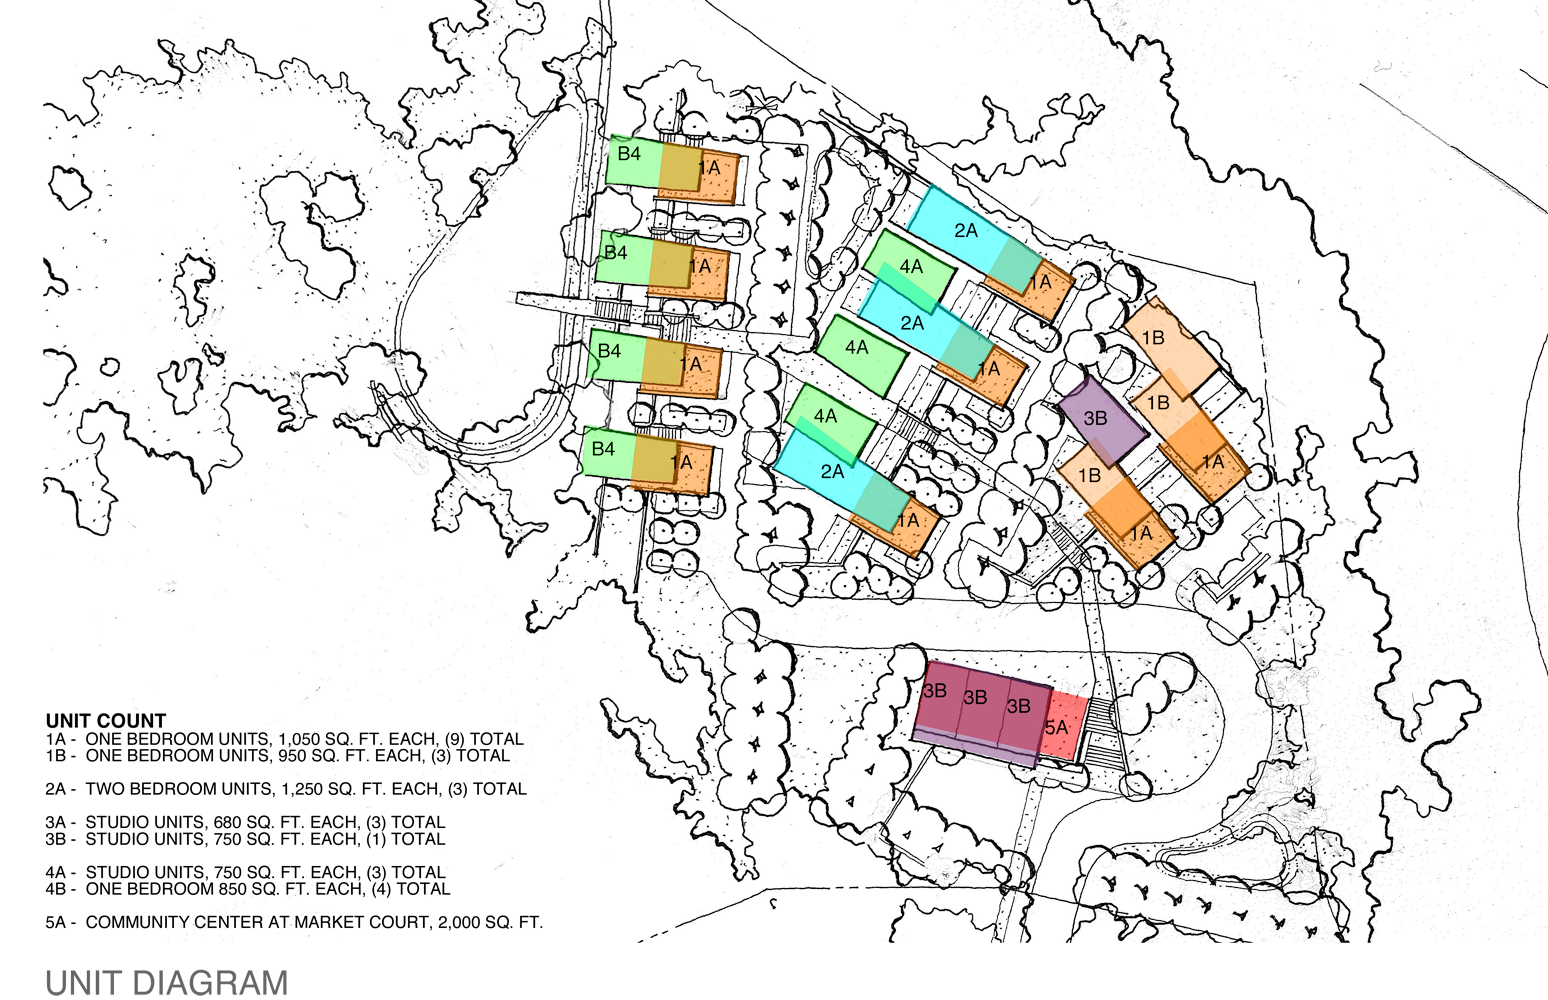 04_Unit-Count-Diagram-Misty-Ct-Hilltown.png